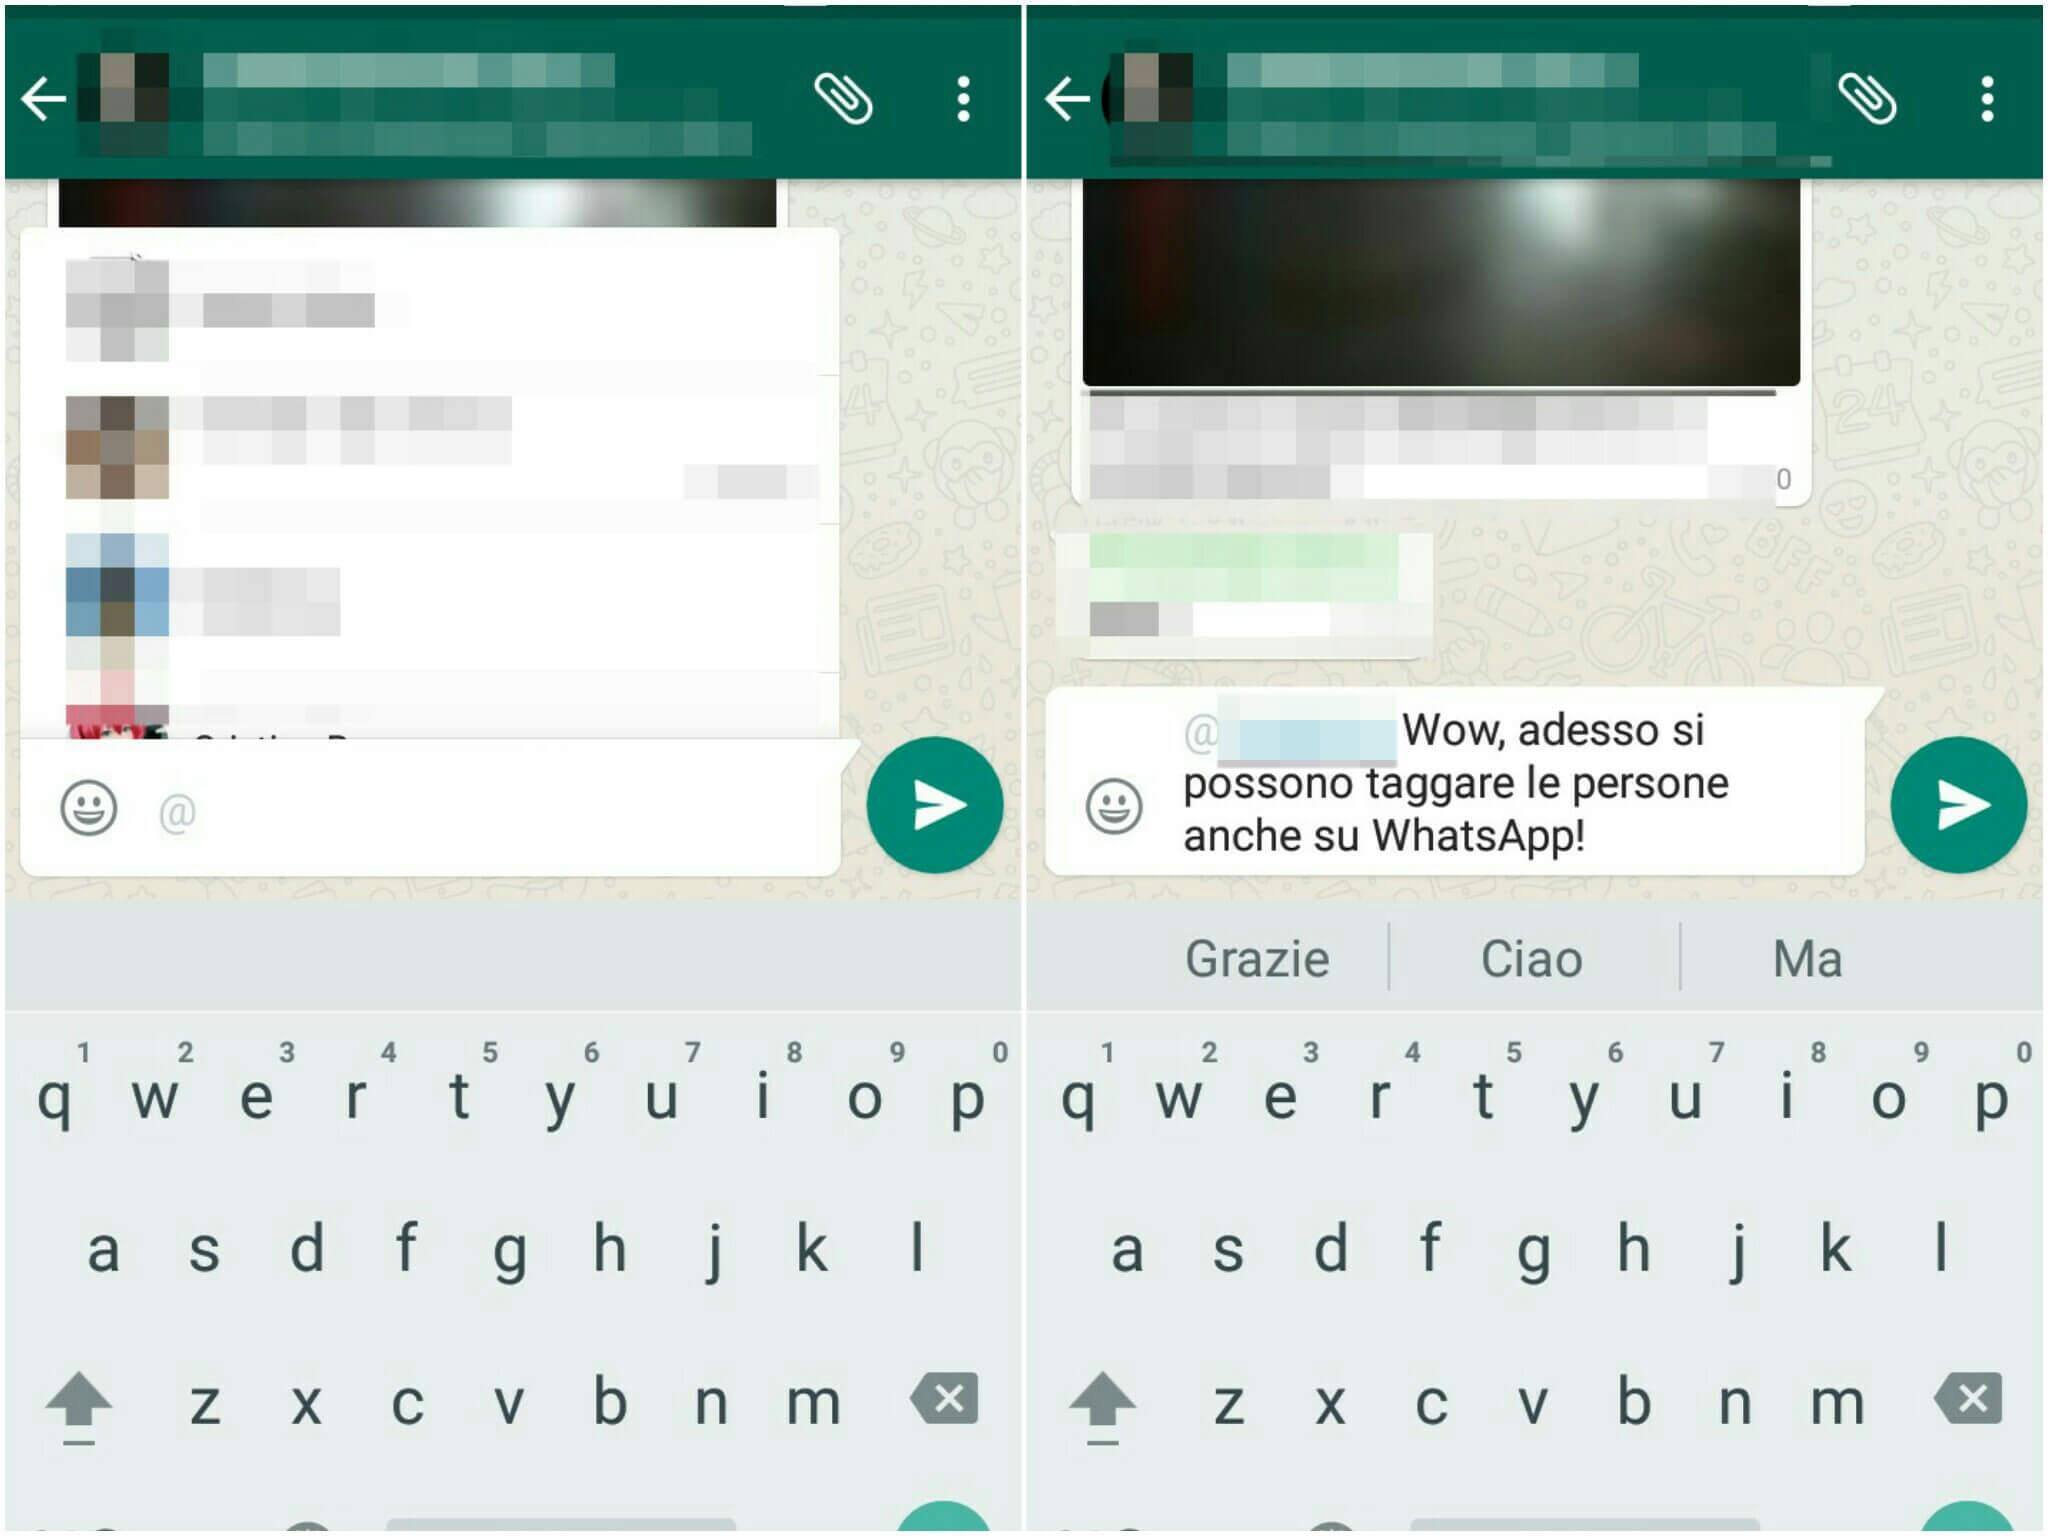 WhatsApp si aggiorna: ora sarà possibile anche taggare gli amici